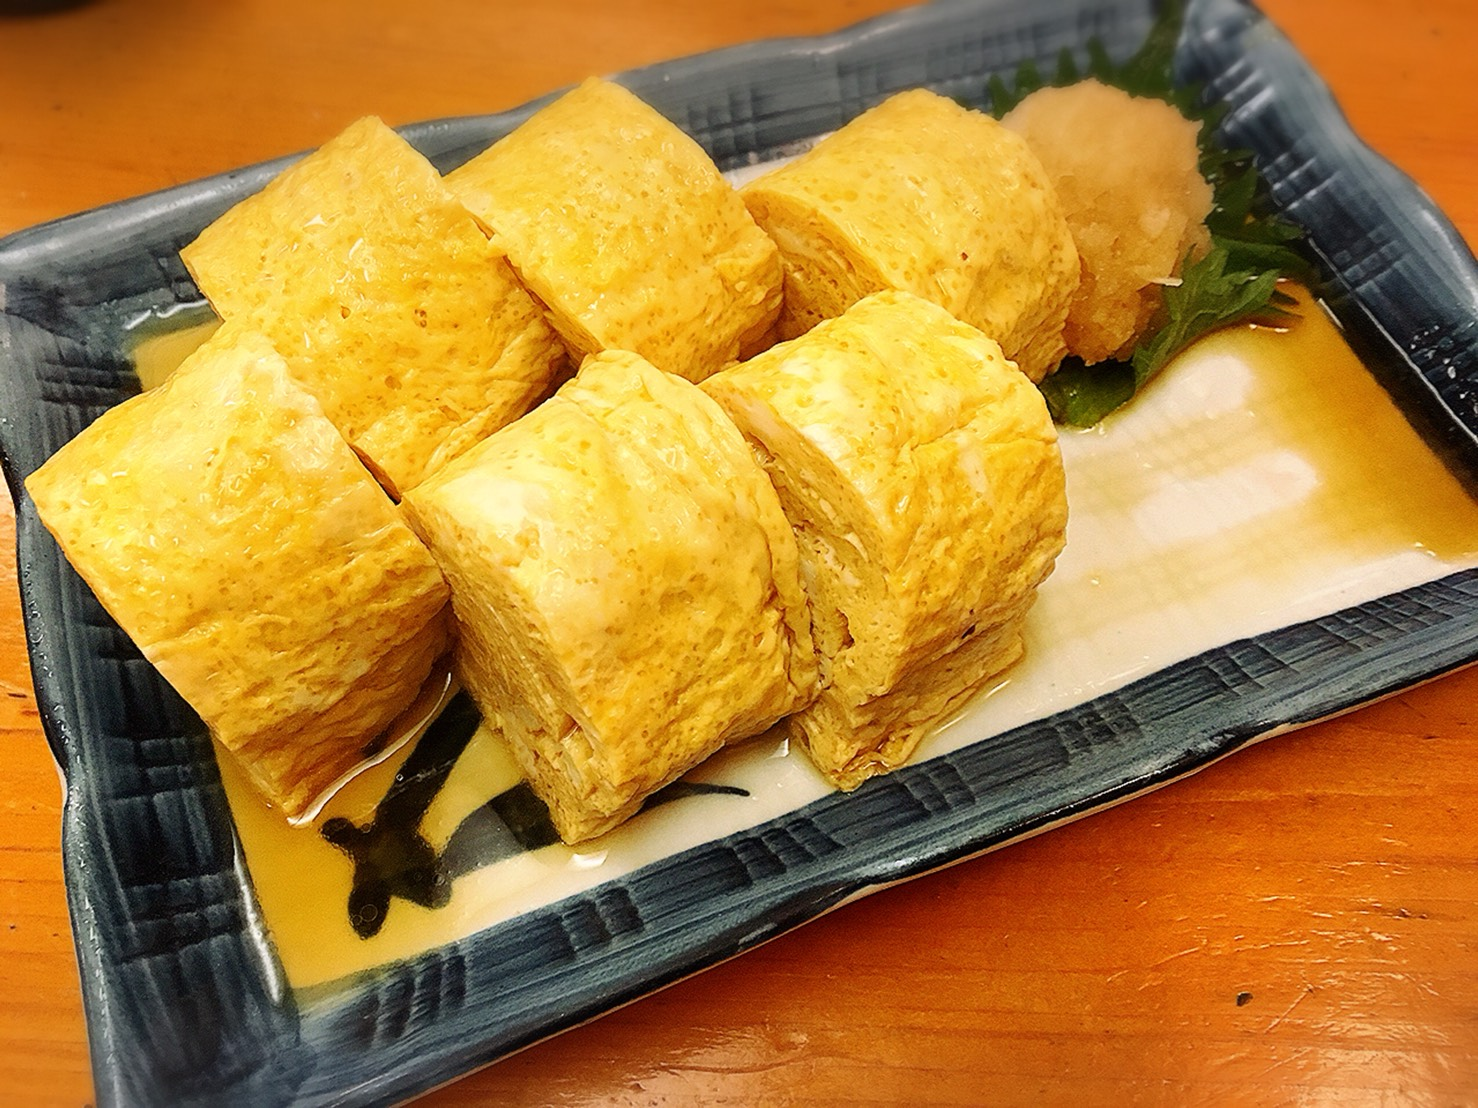 【池袋駅】生蕎麦とだし巻き玉子がしあわせ「浅野屋 池袋駅前本店」のだし巻き玉子